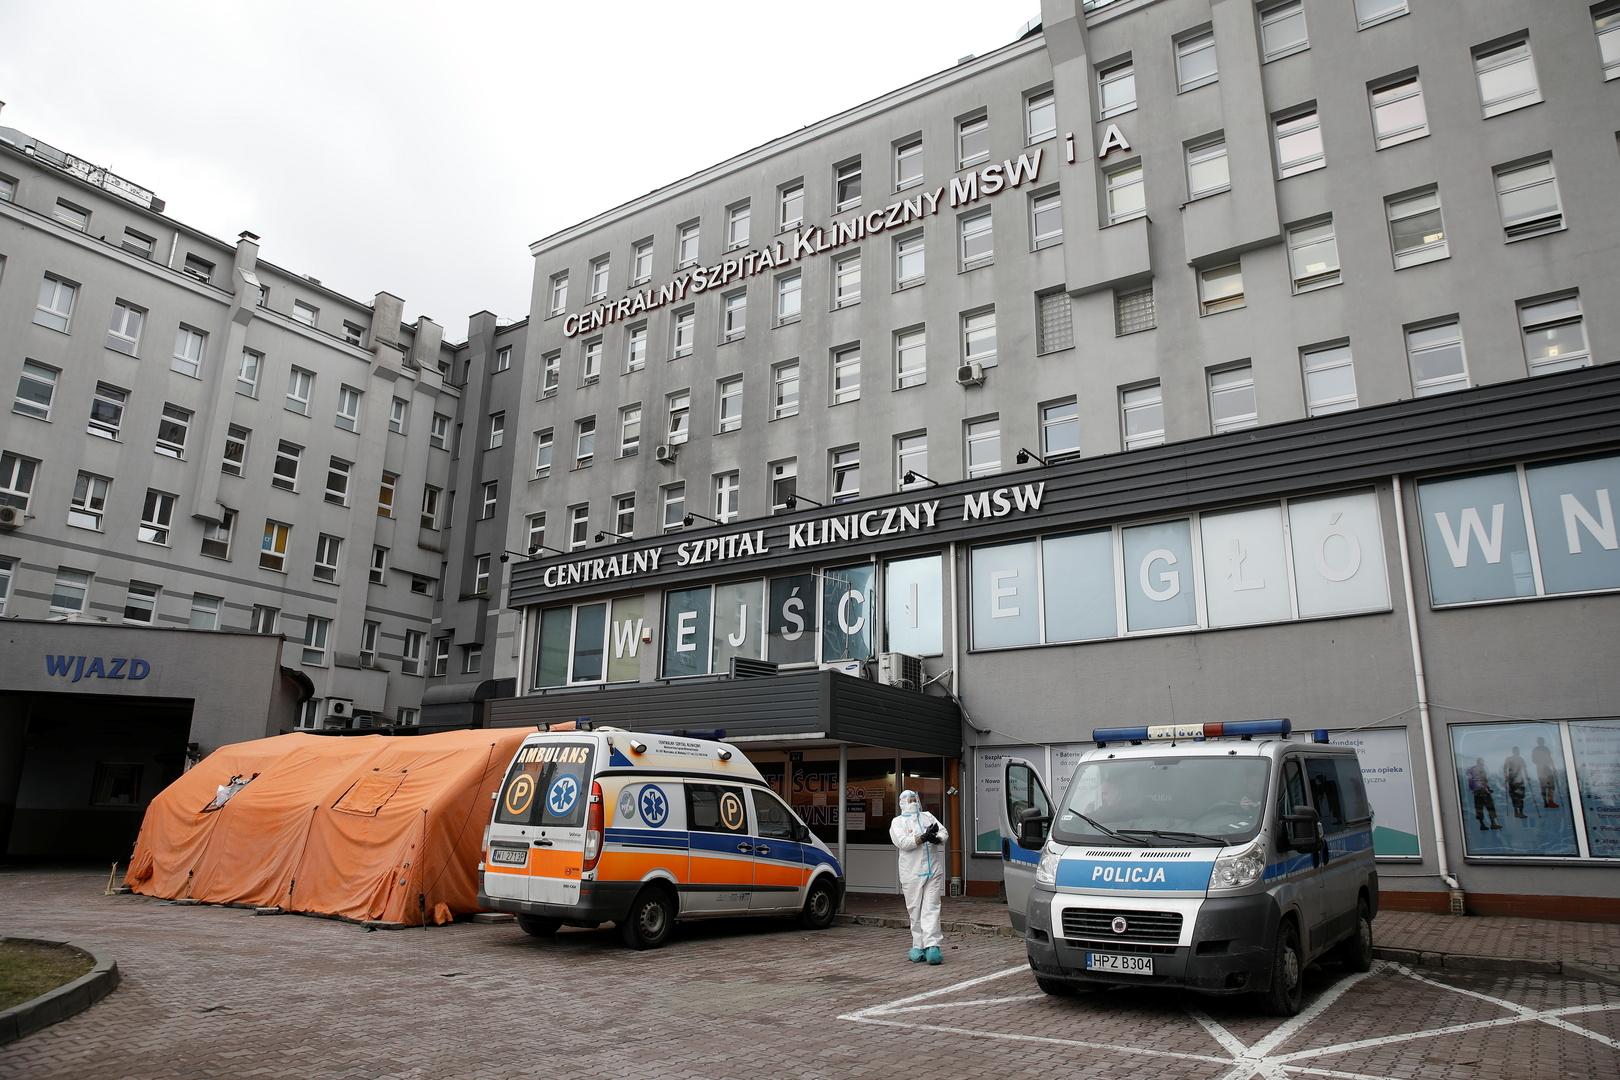 بولندا تسجل رقما قياسيا جديدا بلغ 35251 حالة إصابة بكورونا